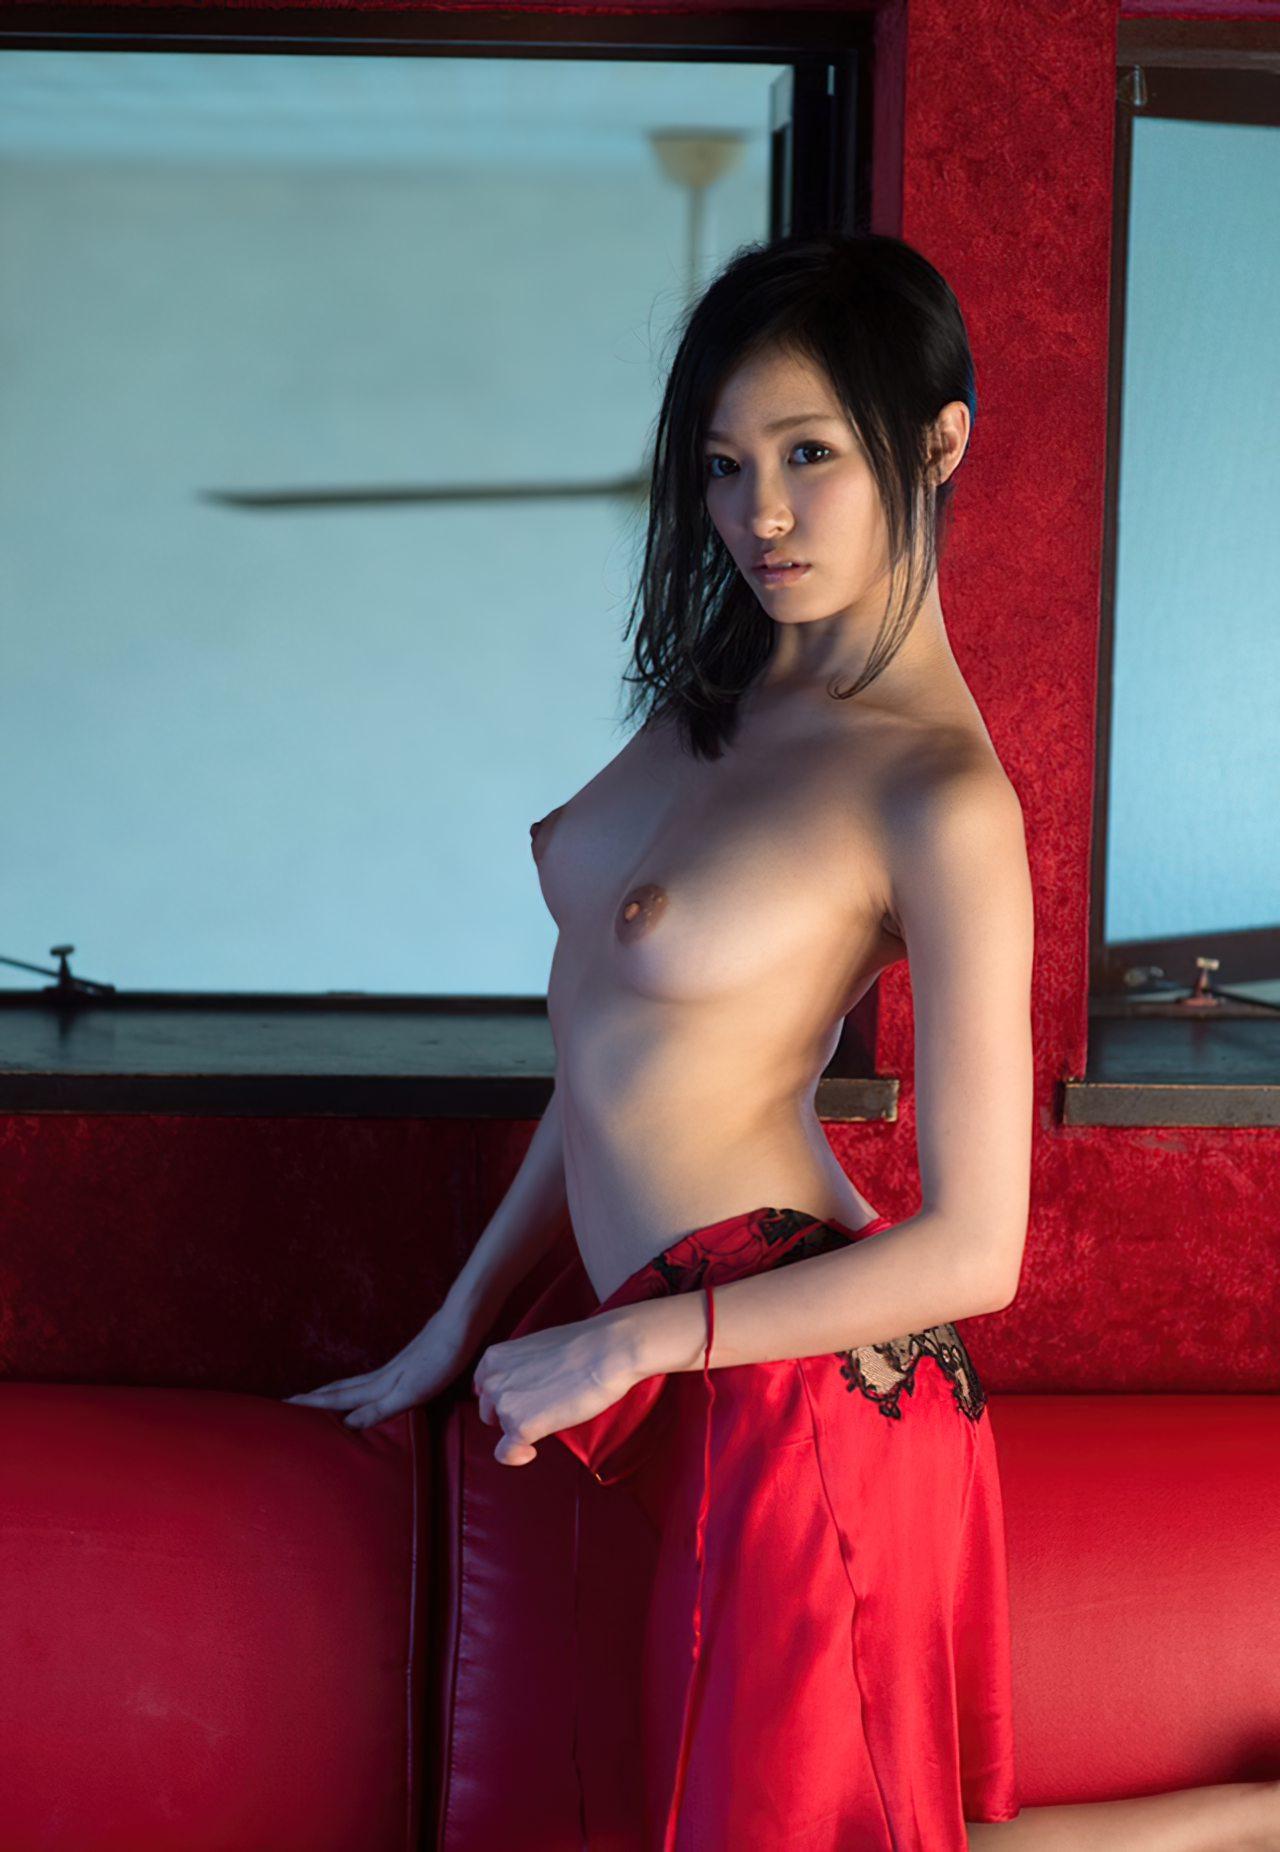 Japonesa Nua Bonita (19)